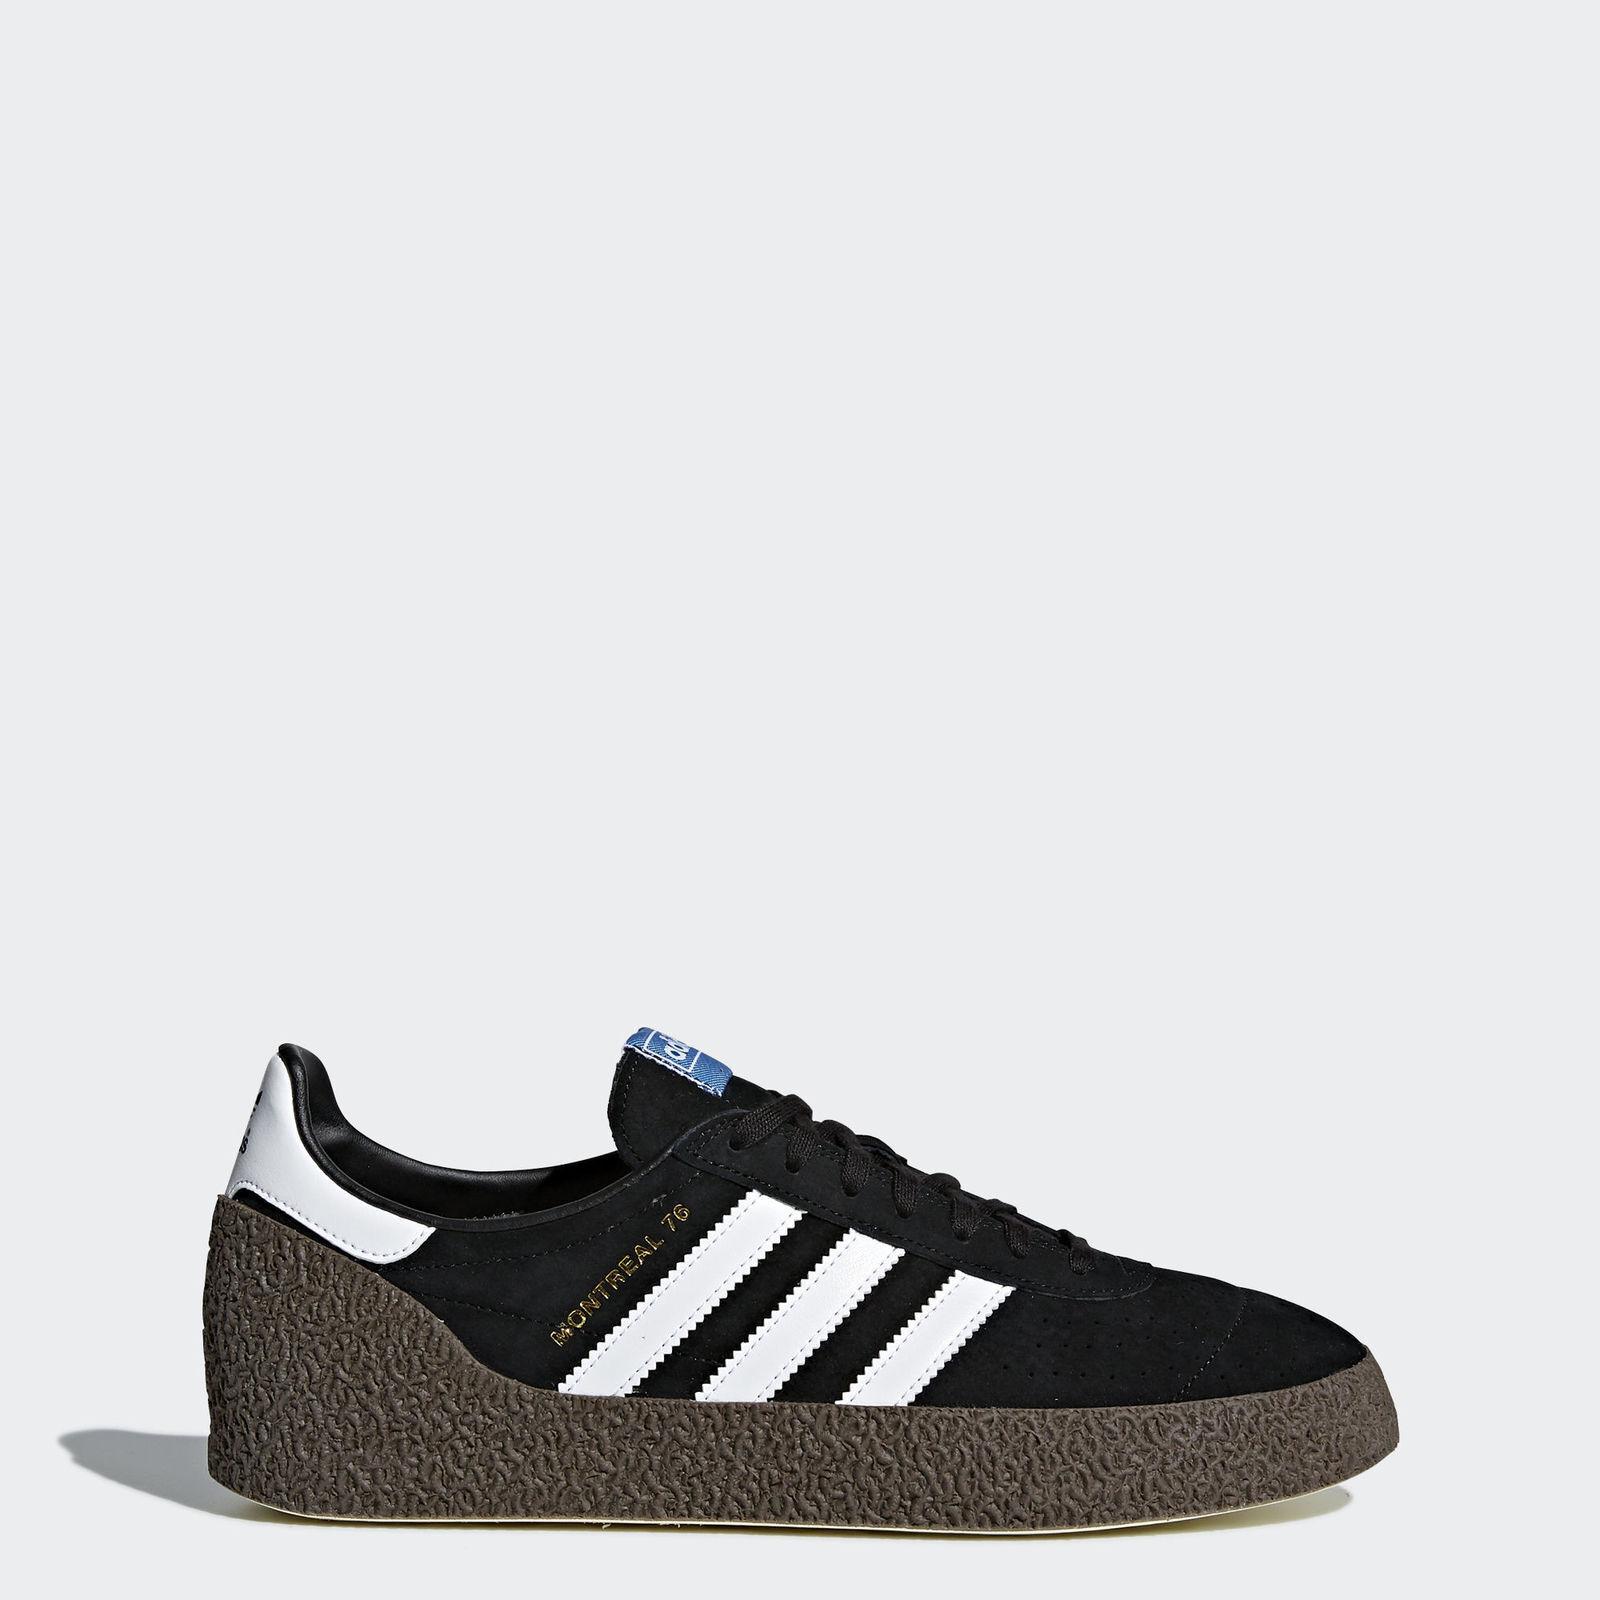 Adidas ORIGINALS Para Hombre Montreal'76 Zapatillas Zapatos Nuevo  BNWT